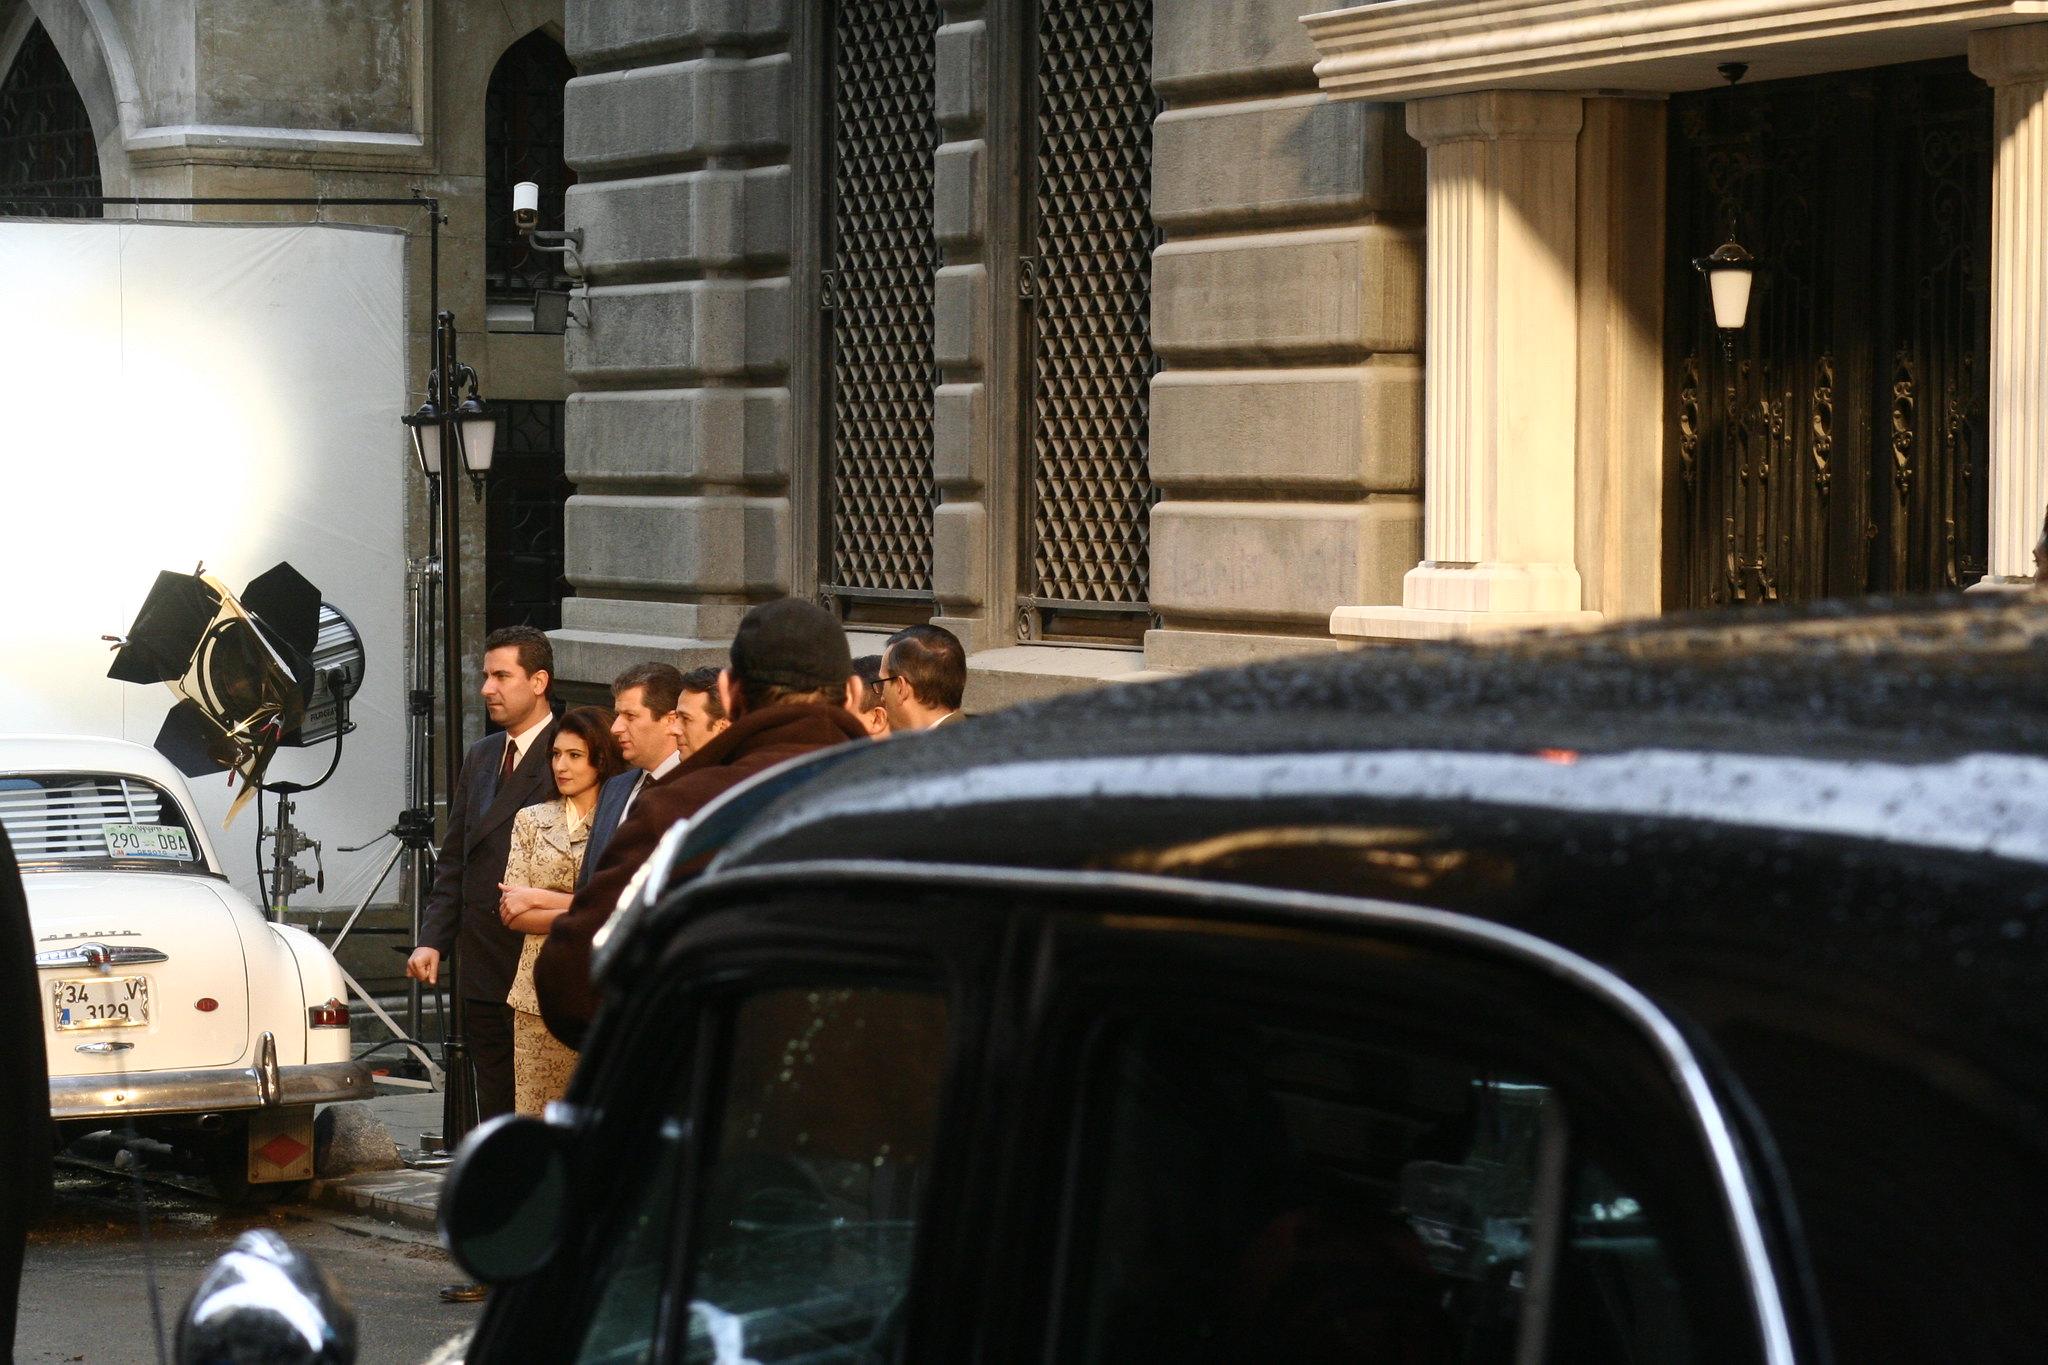 Filming on Bankalar Caddesi